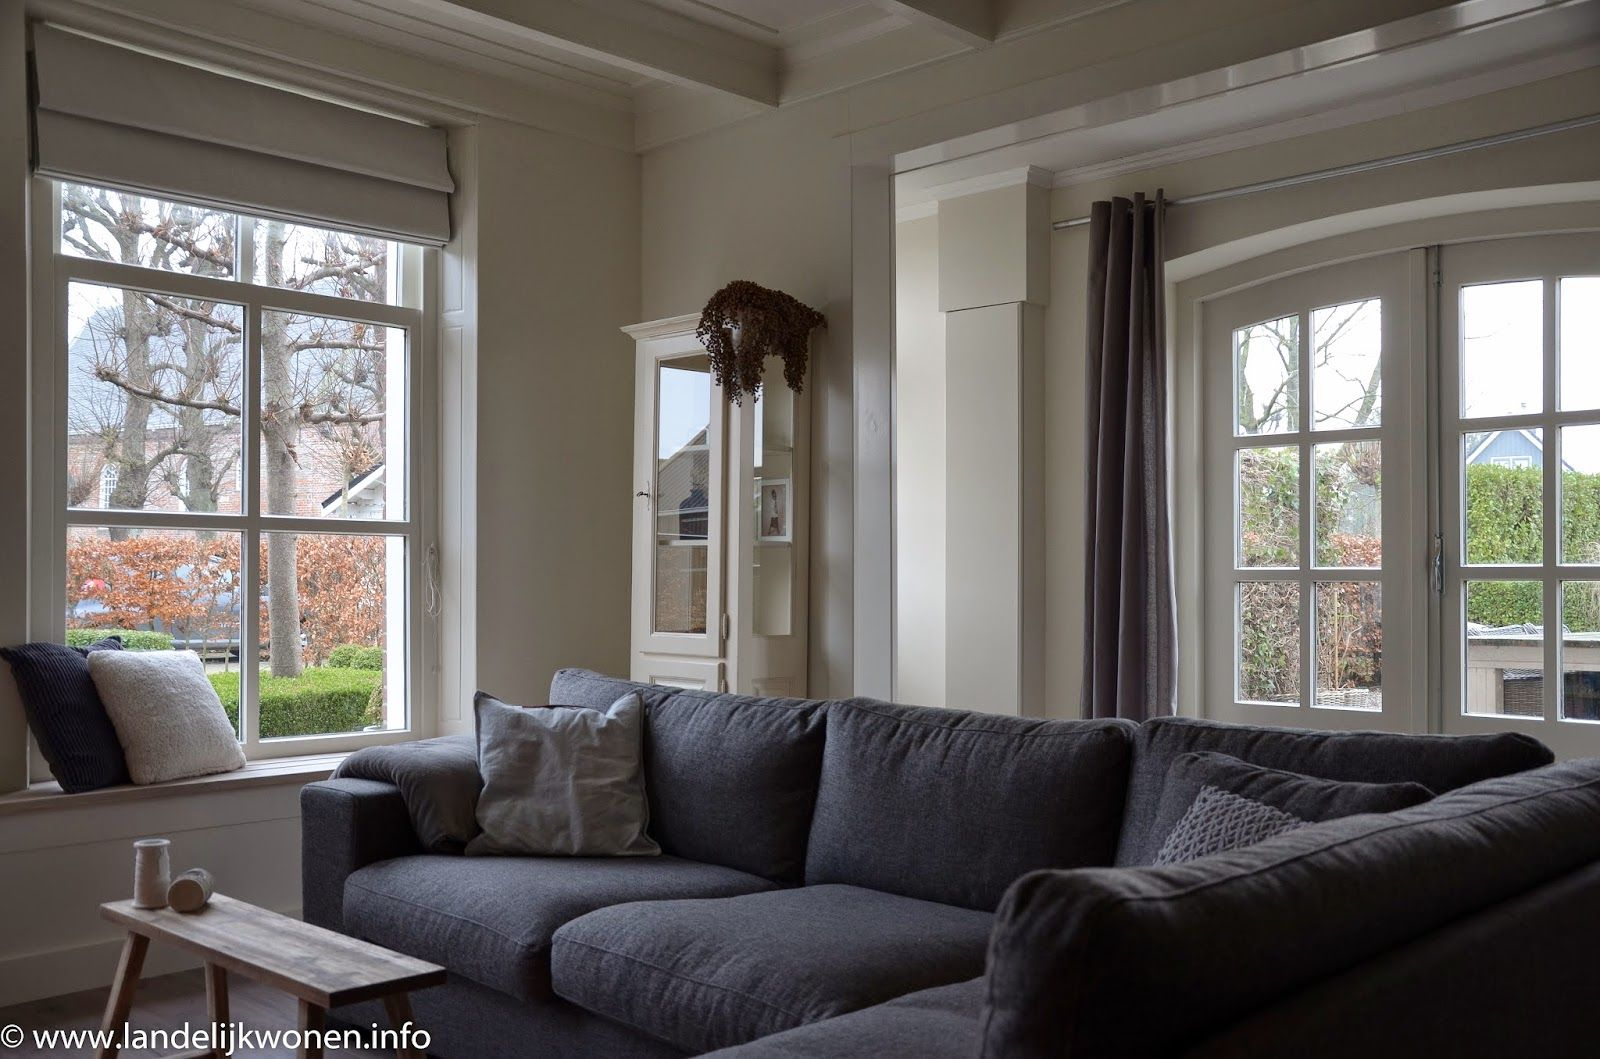 Landelijk wonen woonkamer landelijk wonen pinterest for Wit landelijk interieur